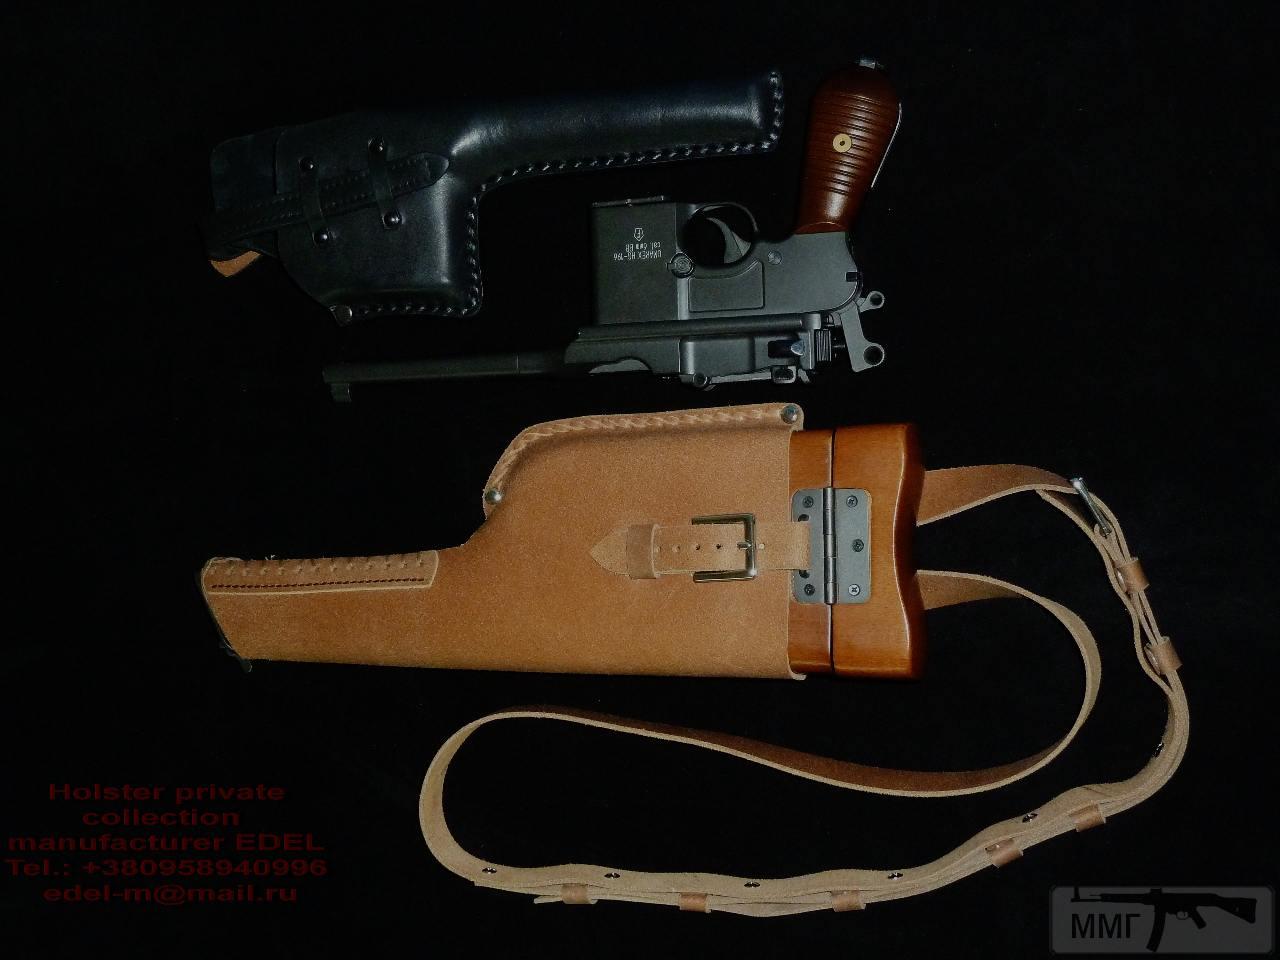 20596 - Индивидуальный пошив кобуры для револьверов и пистолетов - эксклюзив